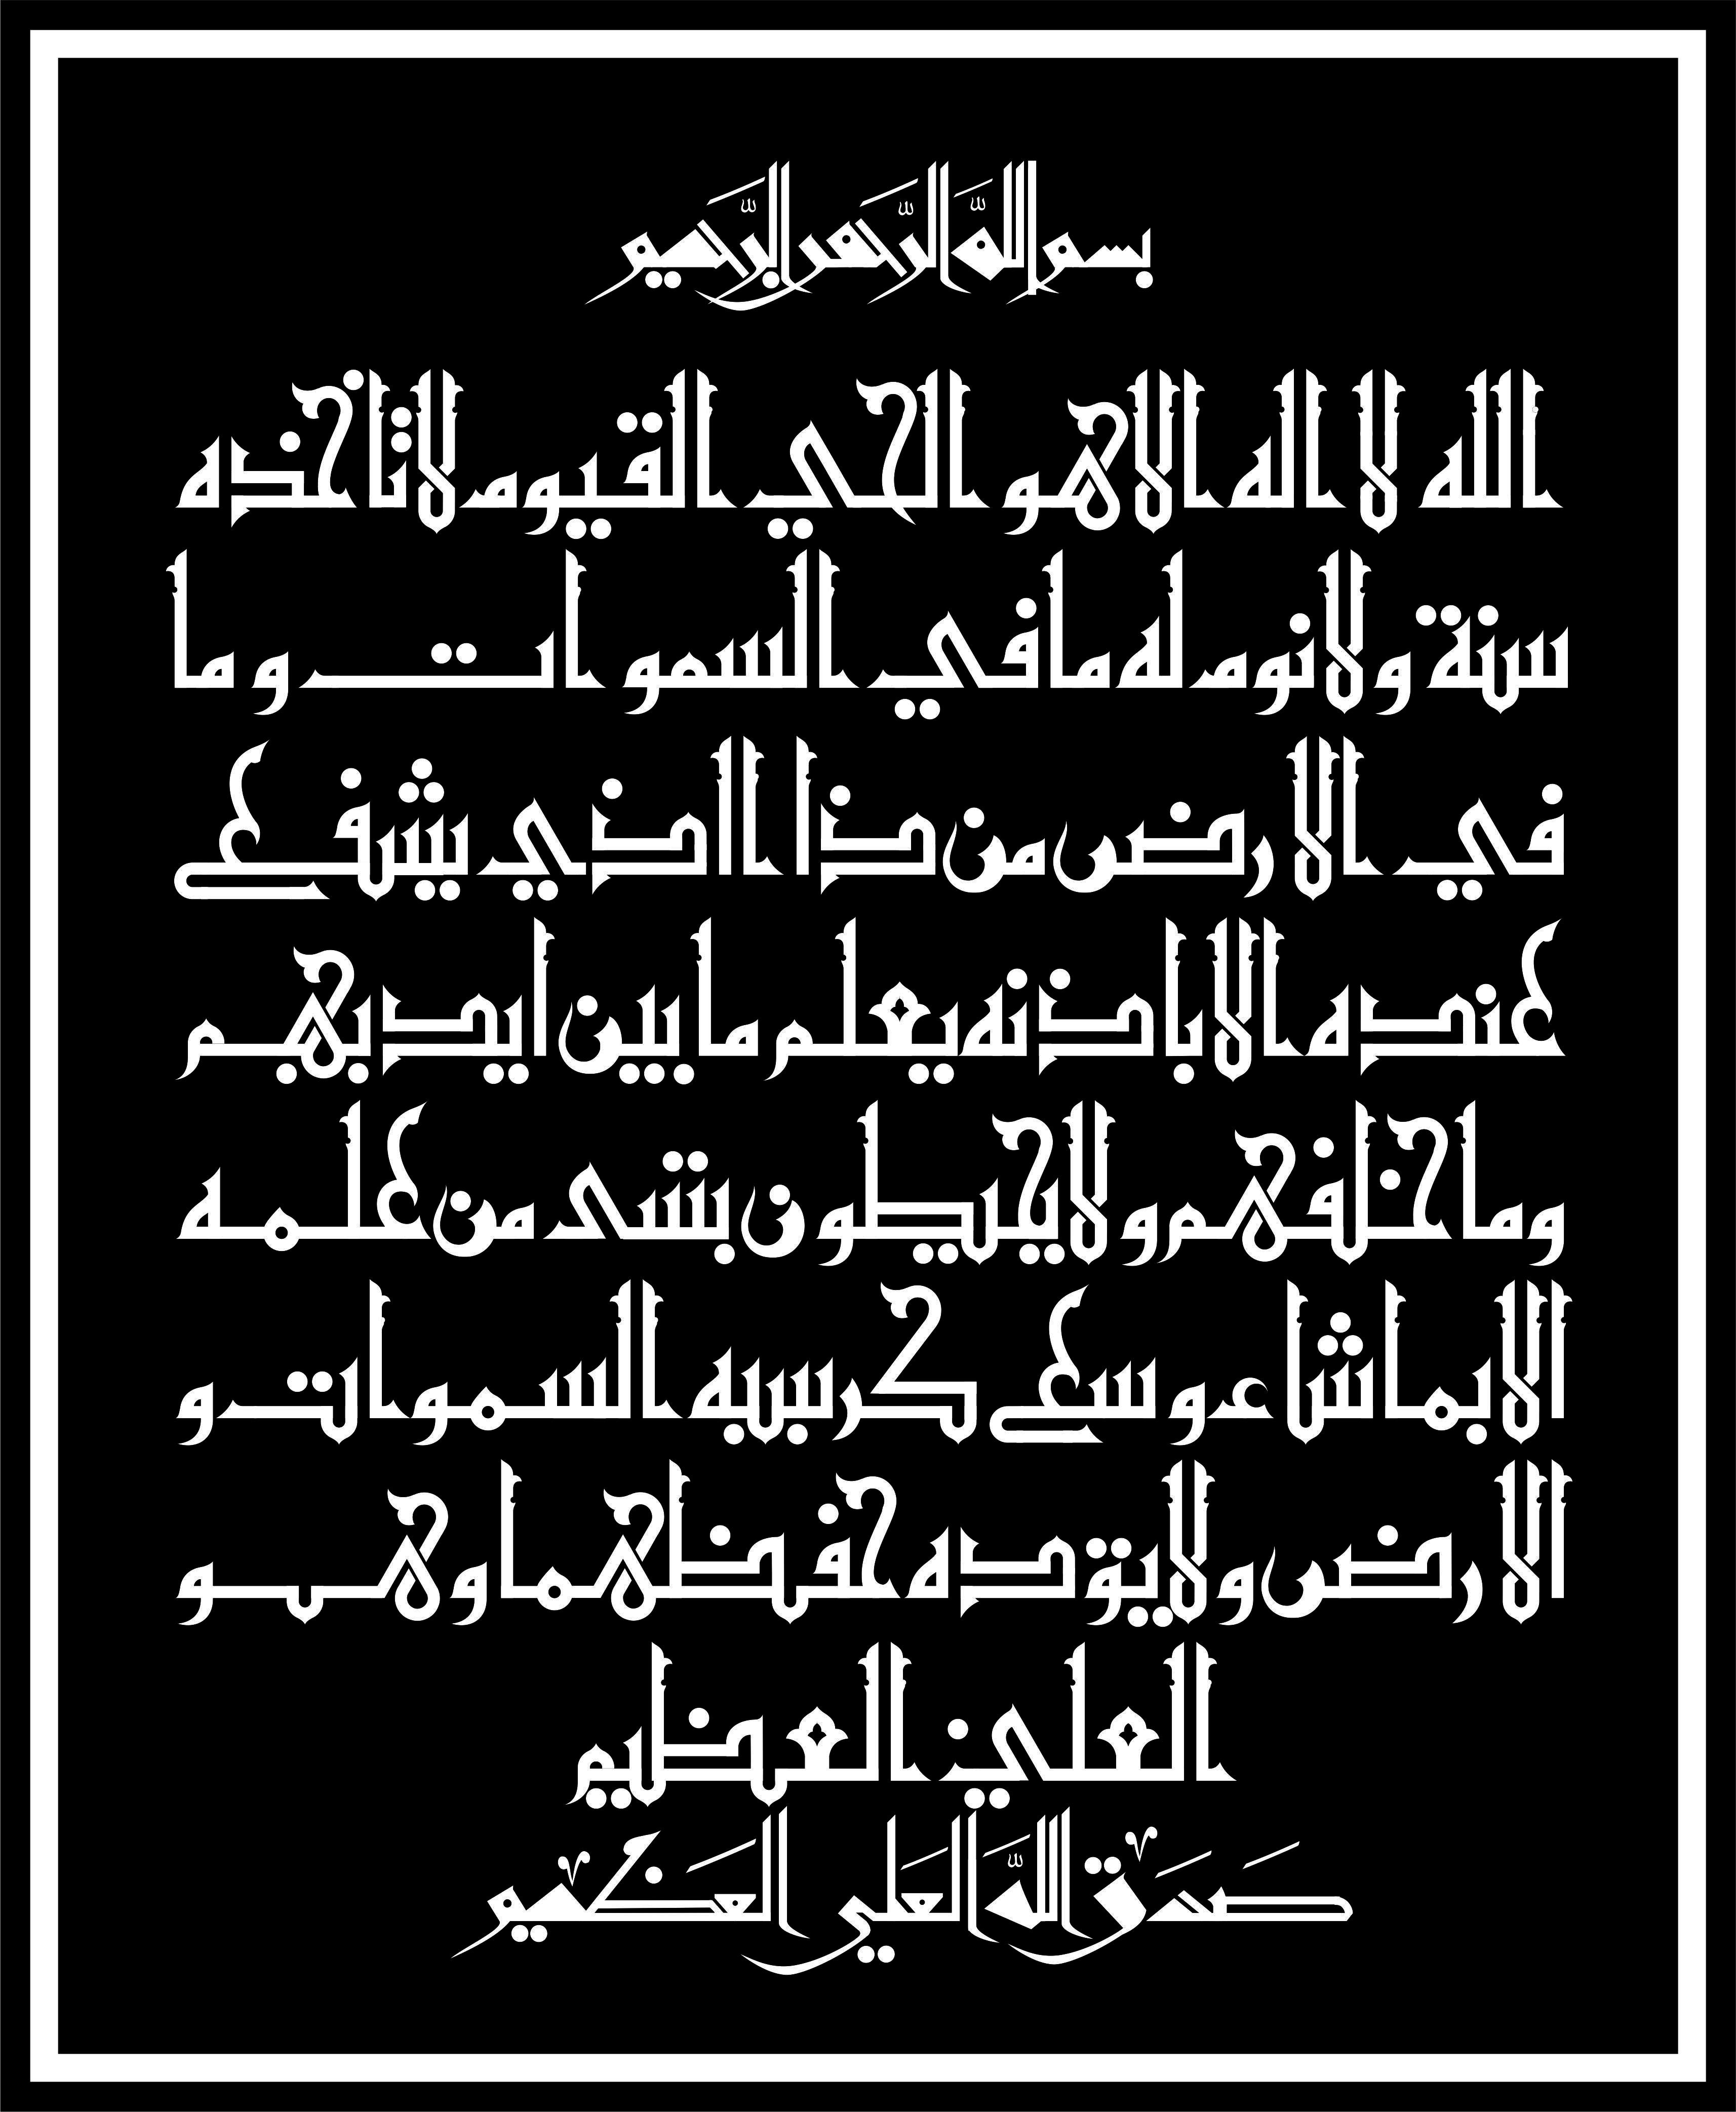 Pin Oleh Njlaatrjami نجلاء الترجمي Di الخط الكوفي Seni Kaligrafi Kaligrafi Seni